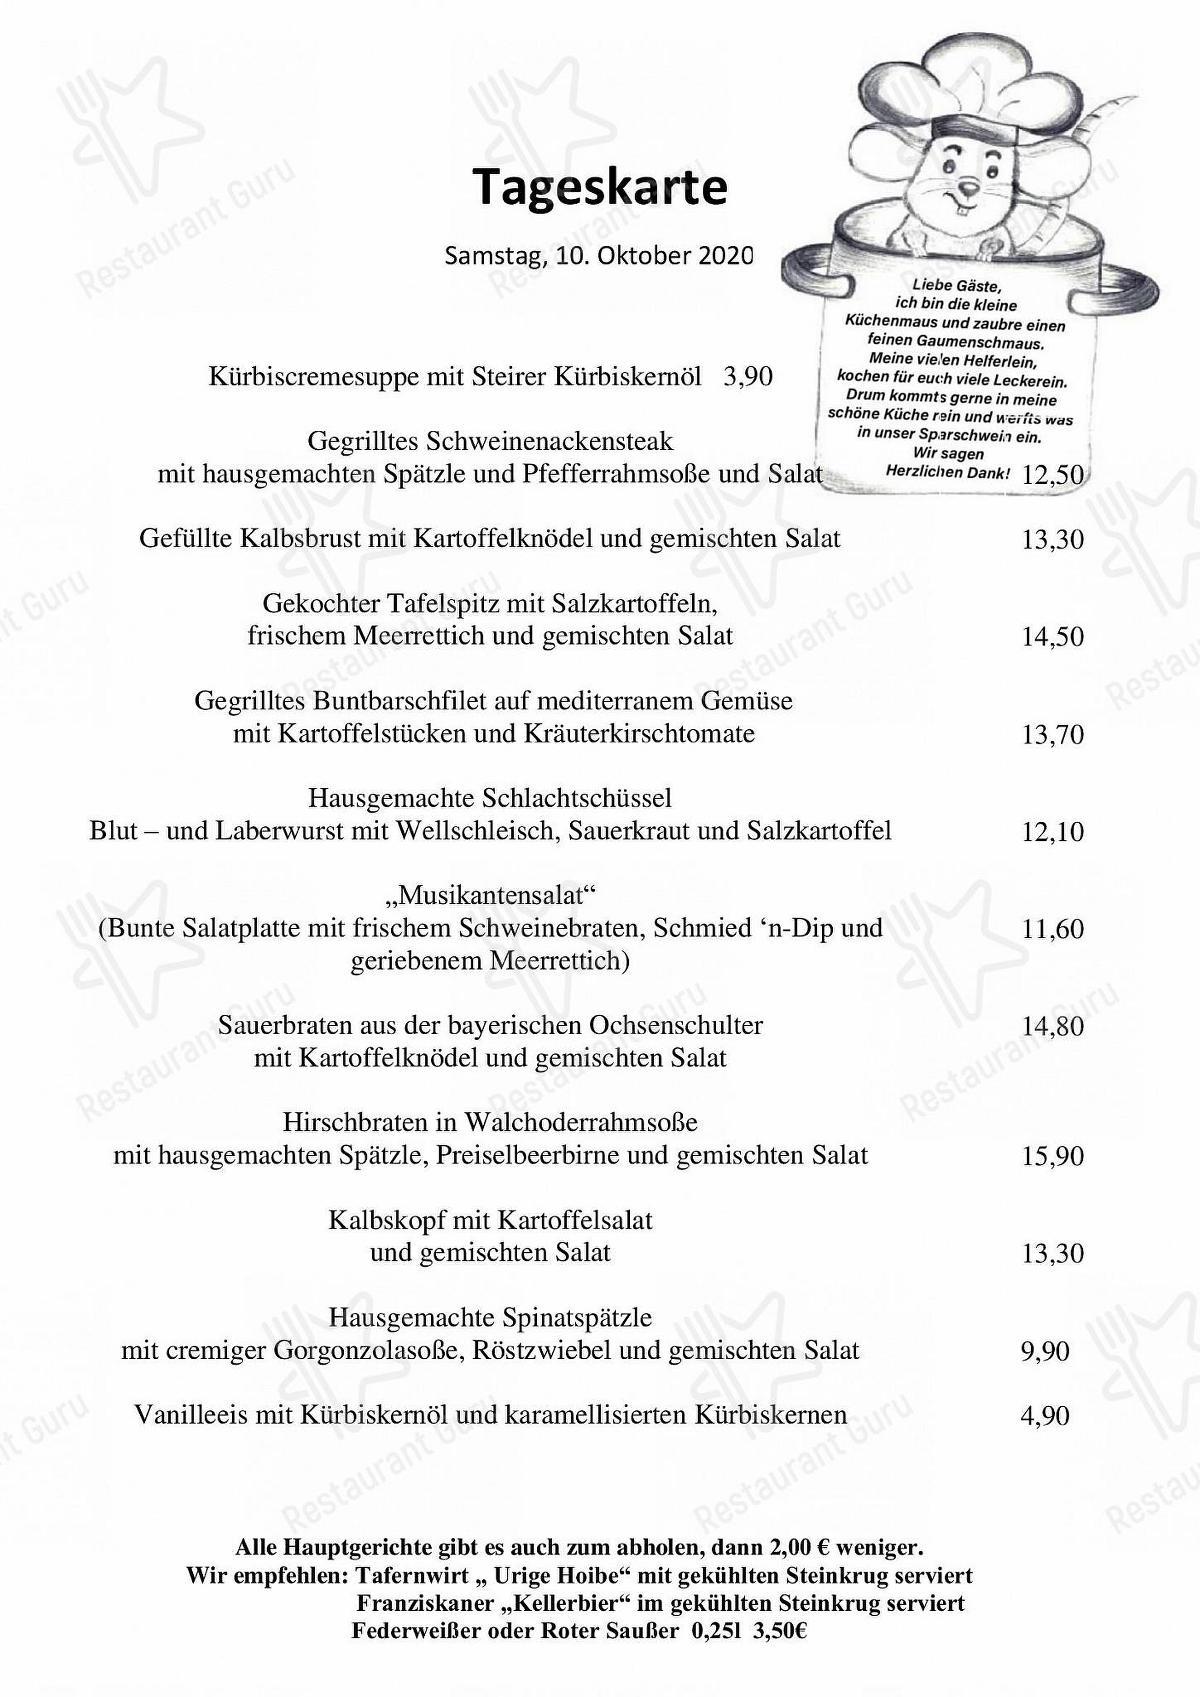 Menu At Reindlschmiede Restaurant Bad Heilbrunn